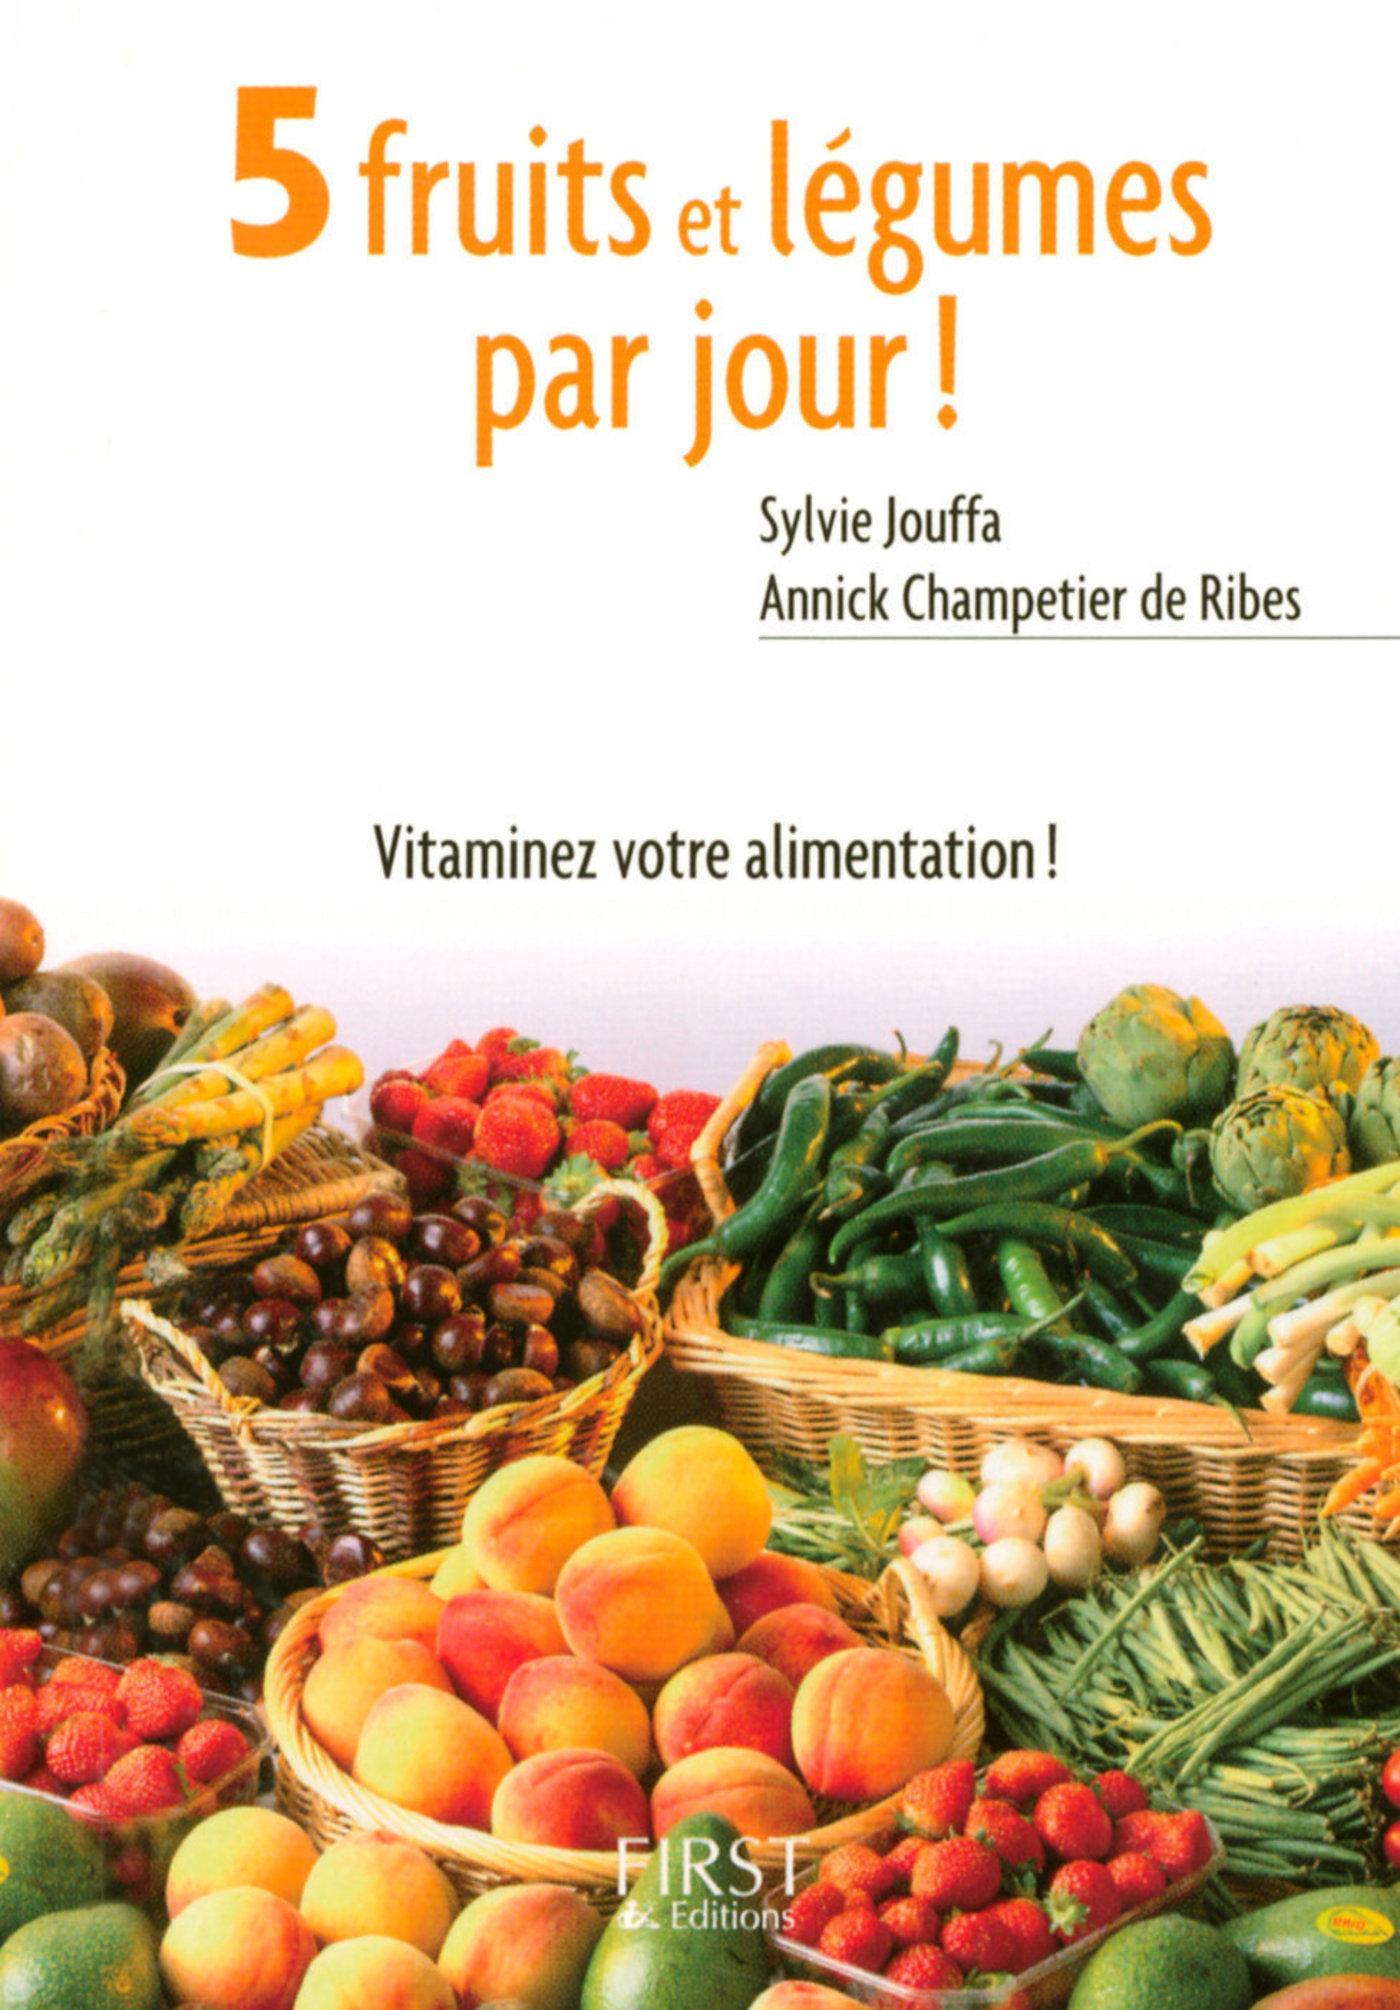 Le Petit Livre de - 5 fruits et légumes par jour